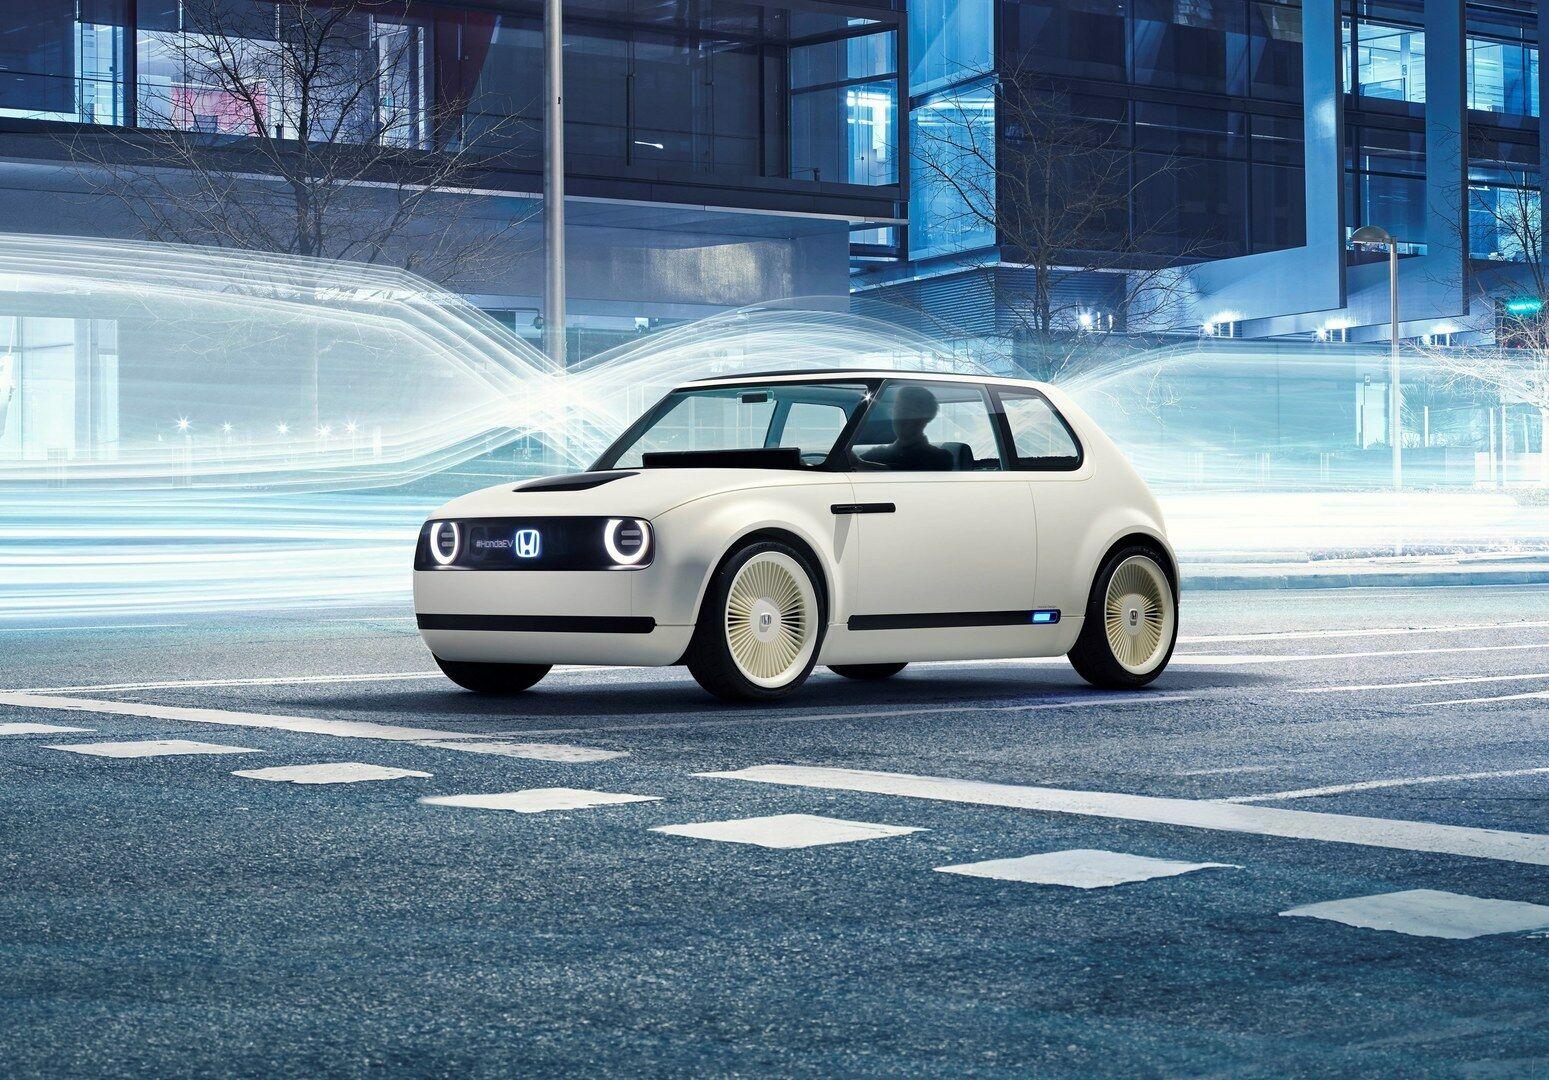 """Pastebėtas bandomas """"Urban EV"""" - prototipas nedaug skiriasi nuo koncepcinio automobilio"""